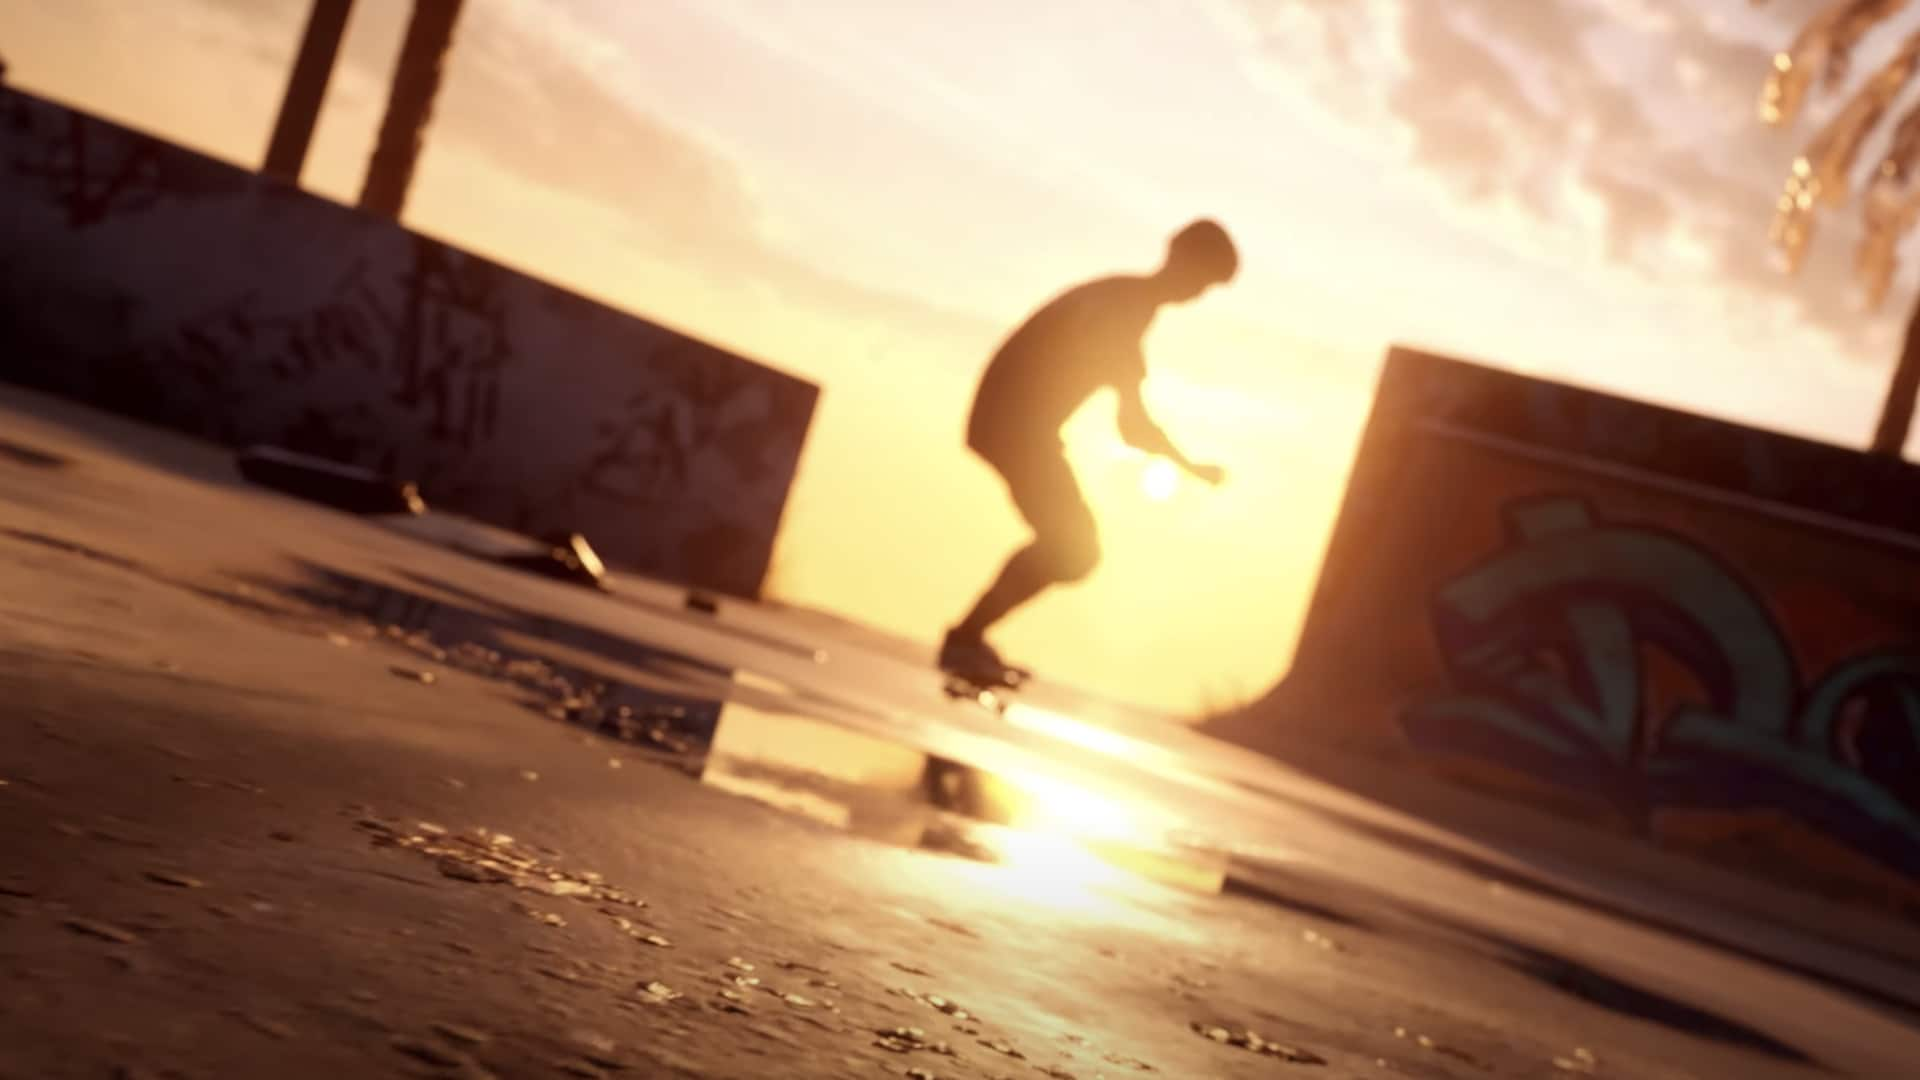 Tony Hawk Pro Skater 1 + 2